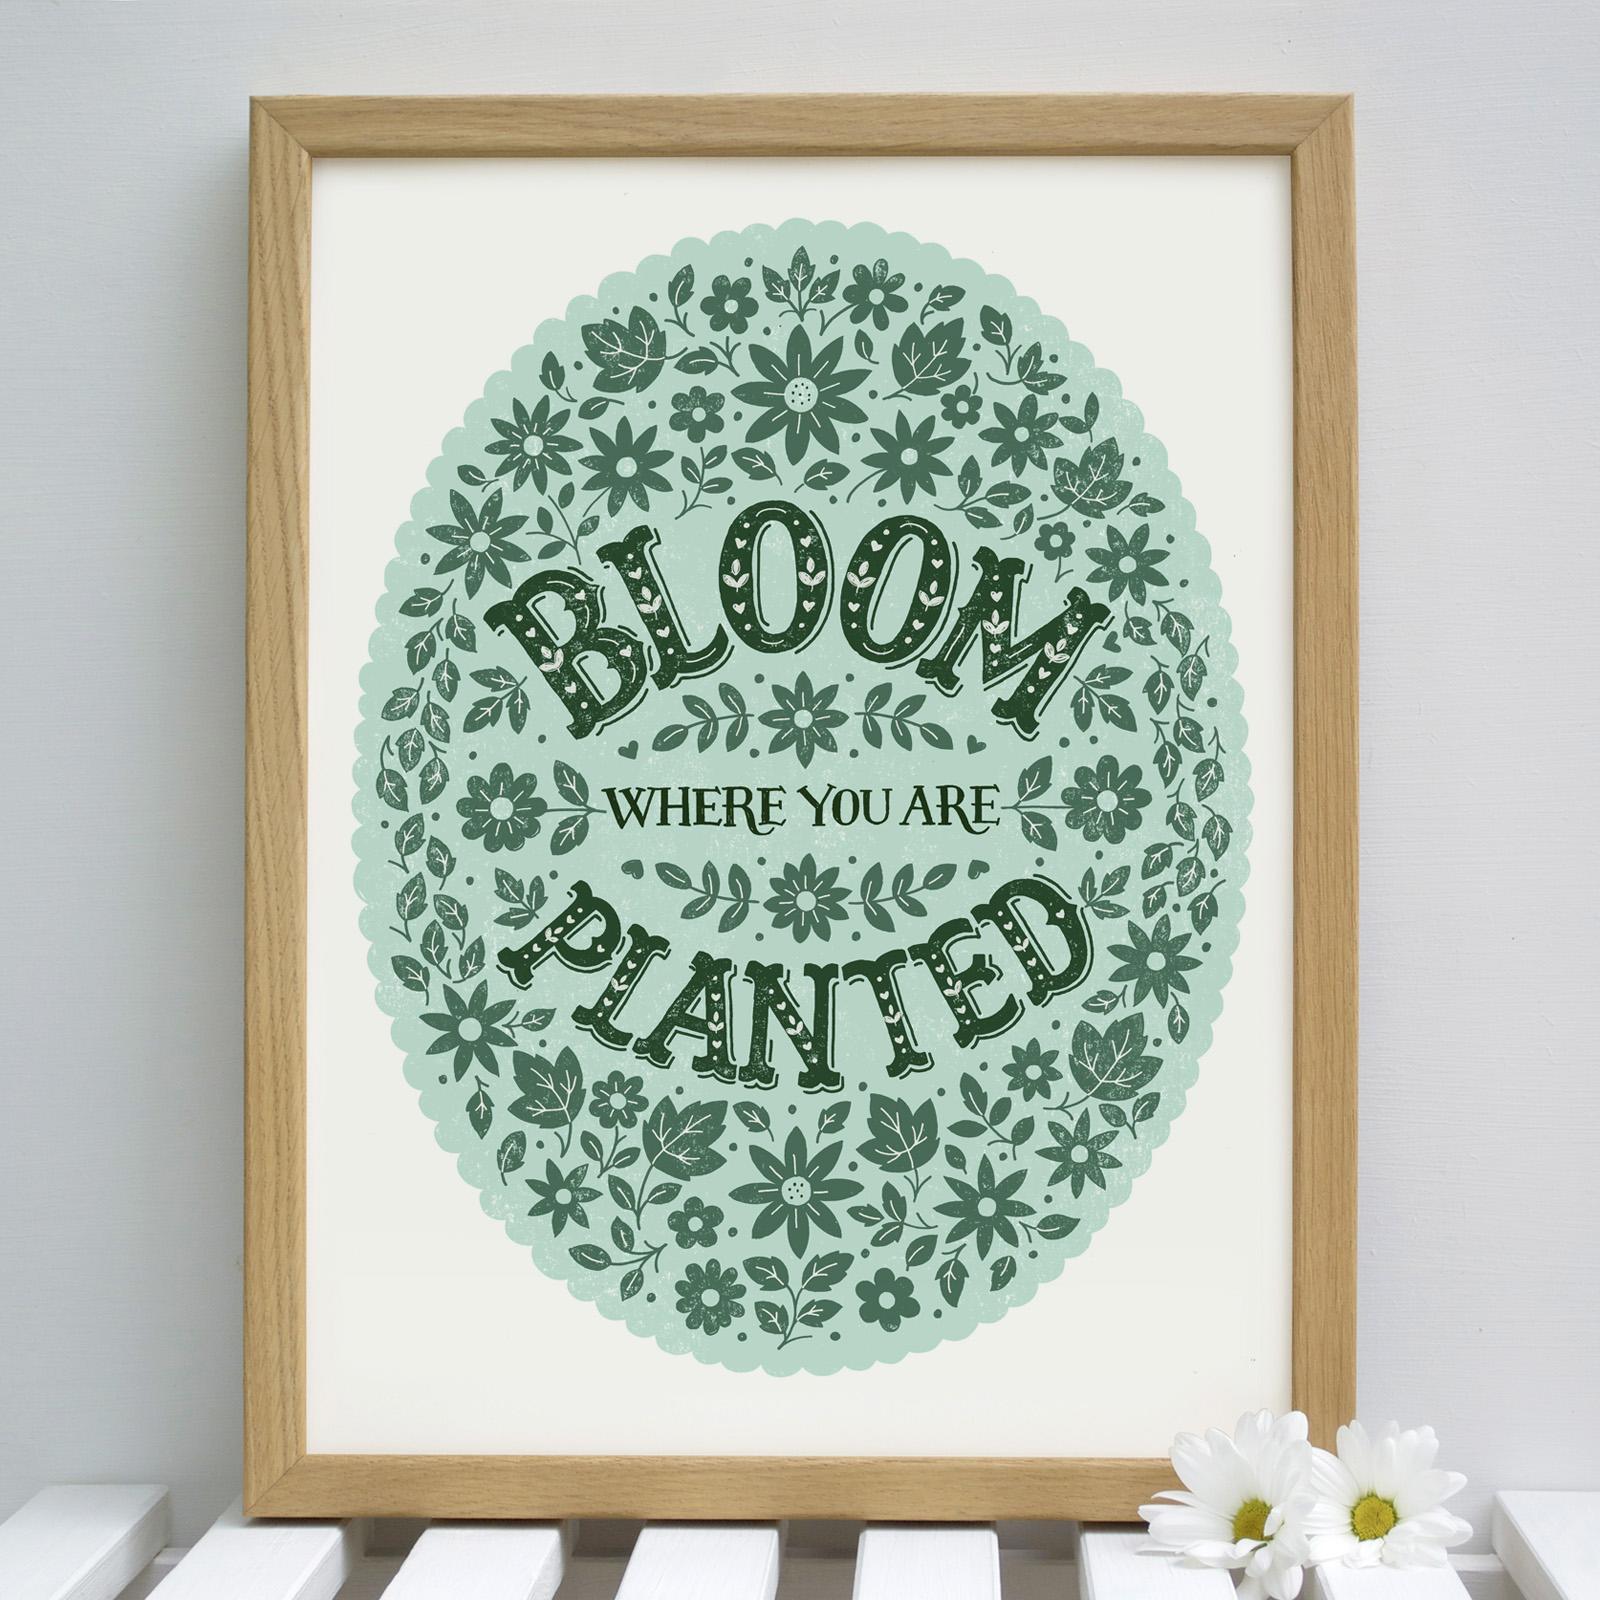 bloom.planted.framed.1